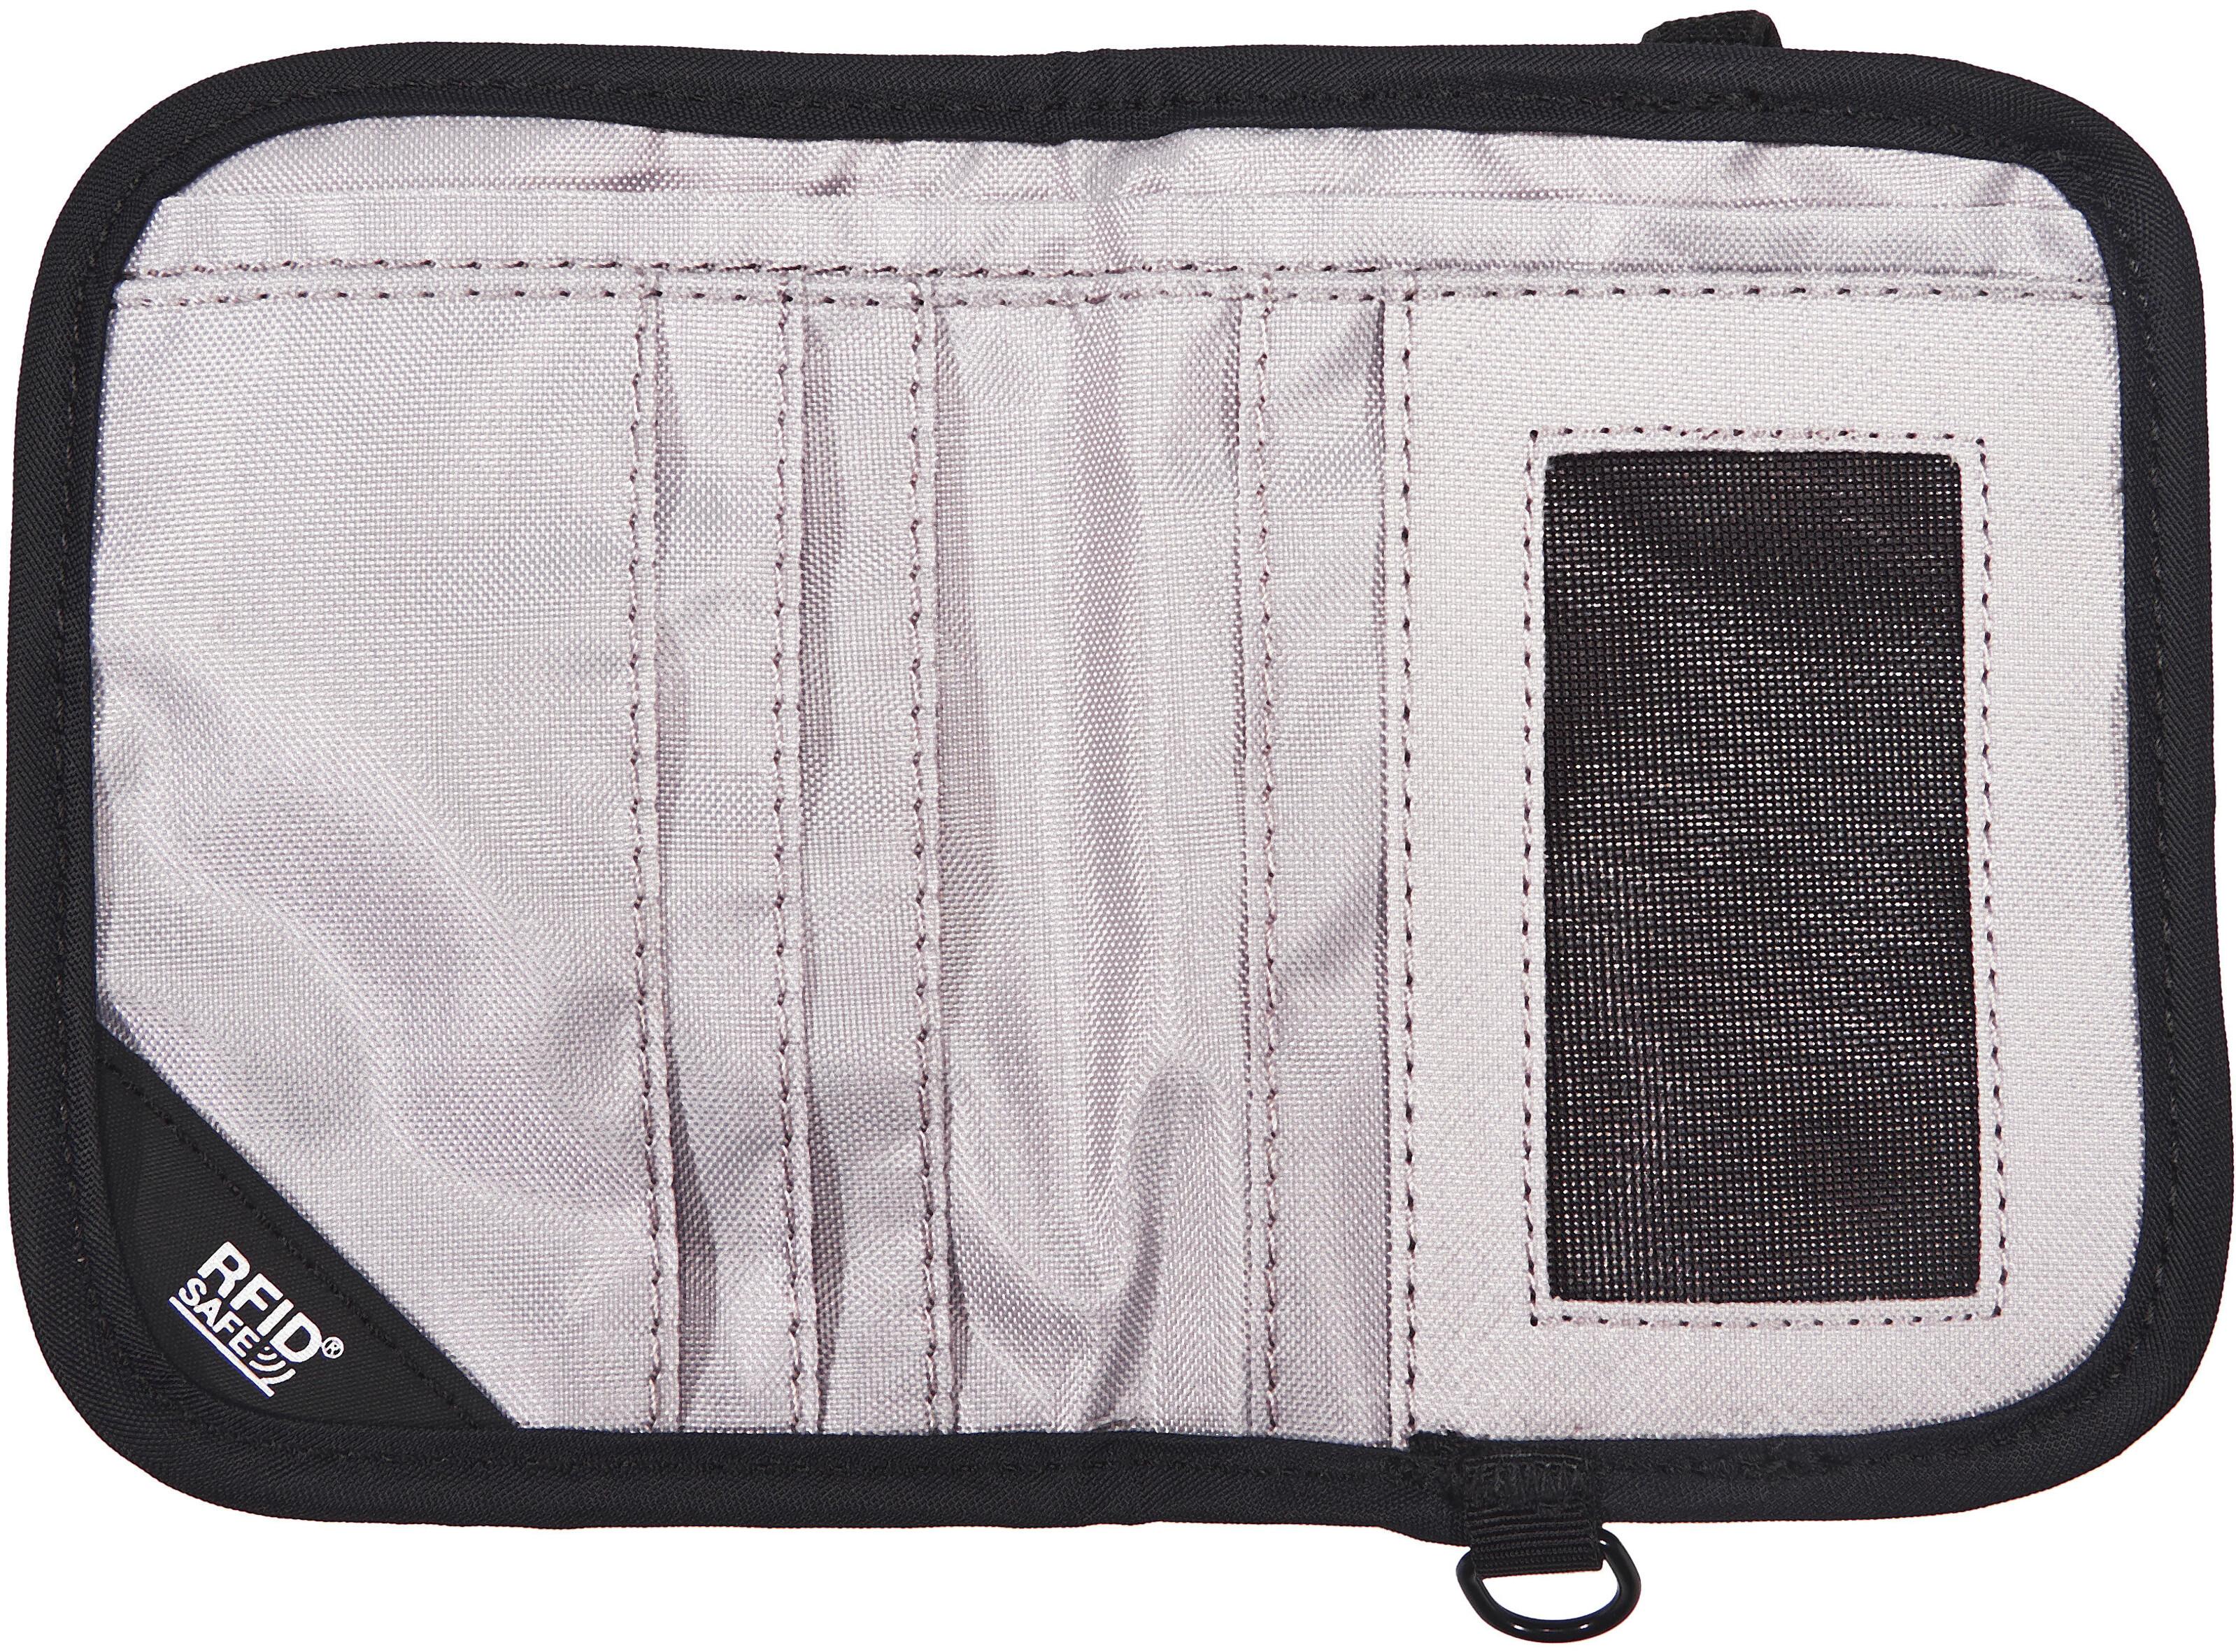 de4a14ed341 Pacsafe RFIDsafe V50 Wallet black at Addnature.co.uk